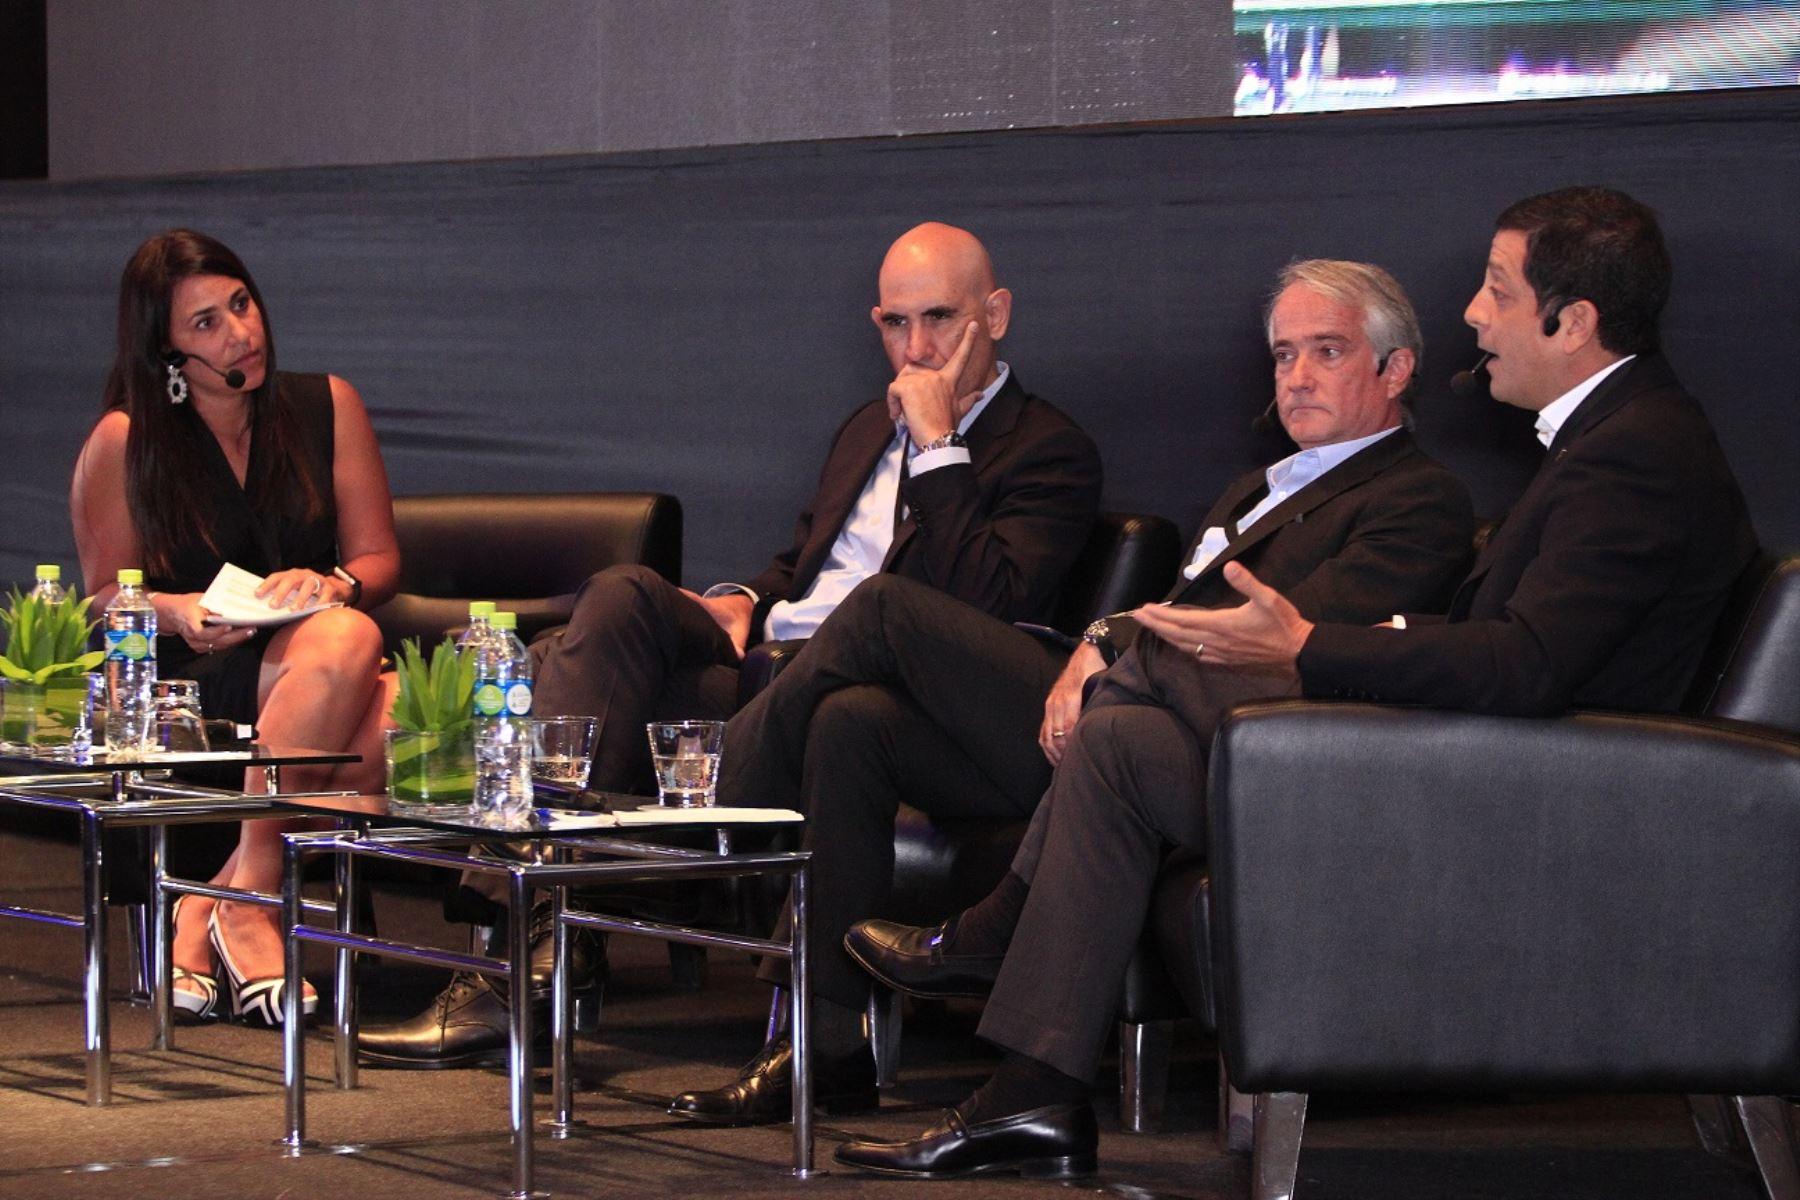 Vinka Samohod, VP de Transformación Digital de Telefónica del Perú; Eduardo Torres Llosa, CEO BBVA Continental; Julio Malo, CEO Banco Pichincha y Luis Felipe Castellanos, CEO de Interbank . Foto Cortesía.